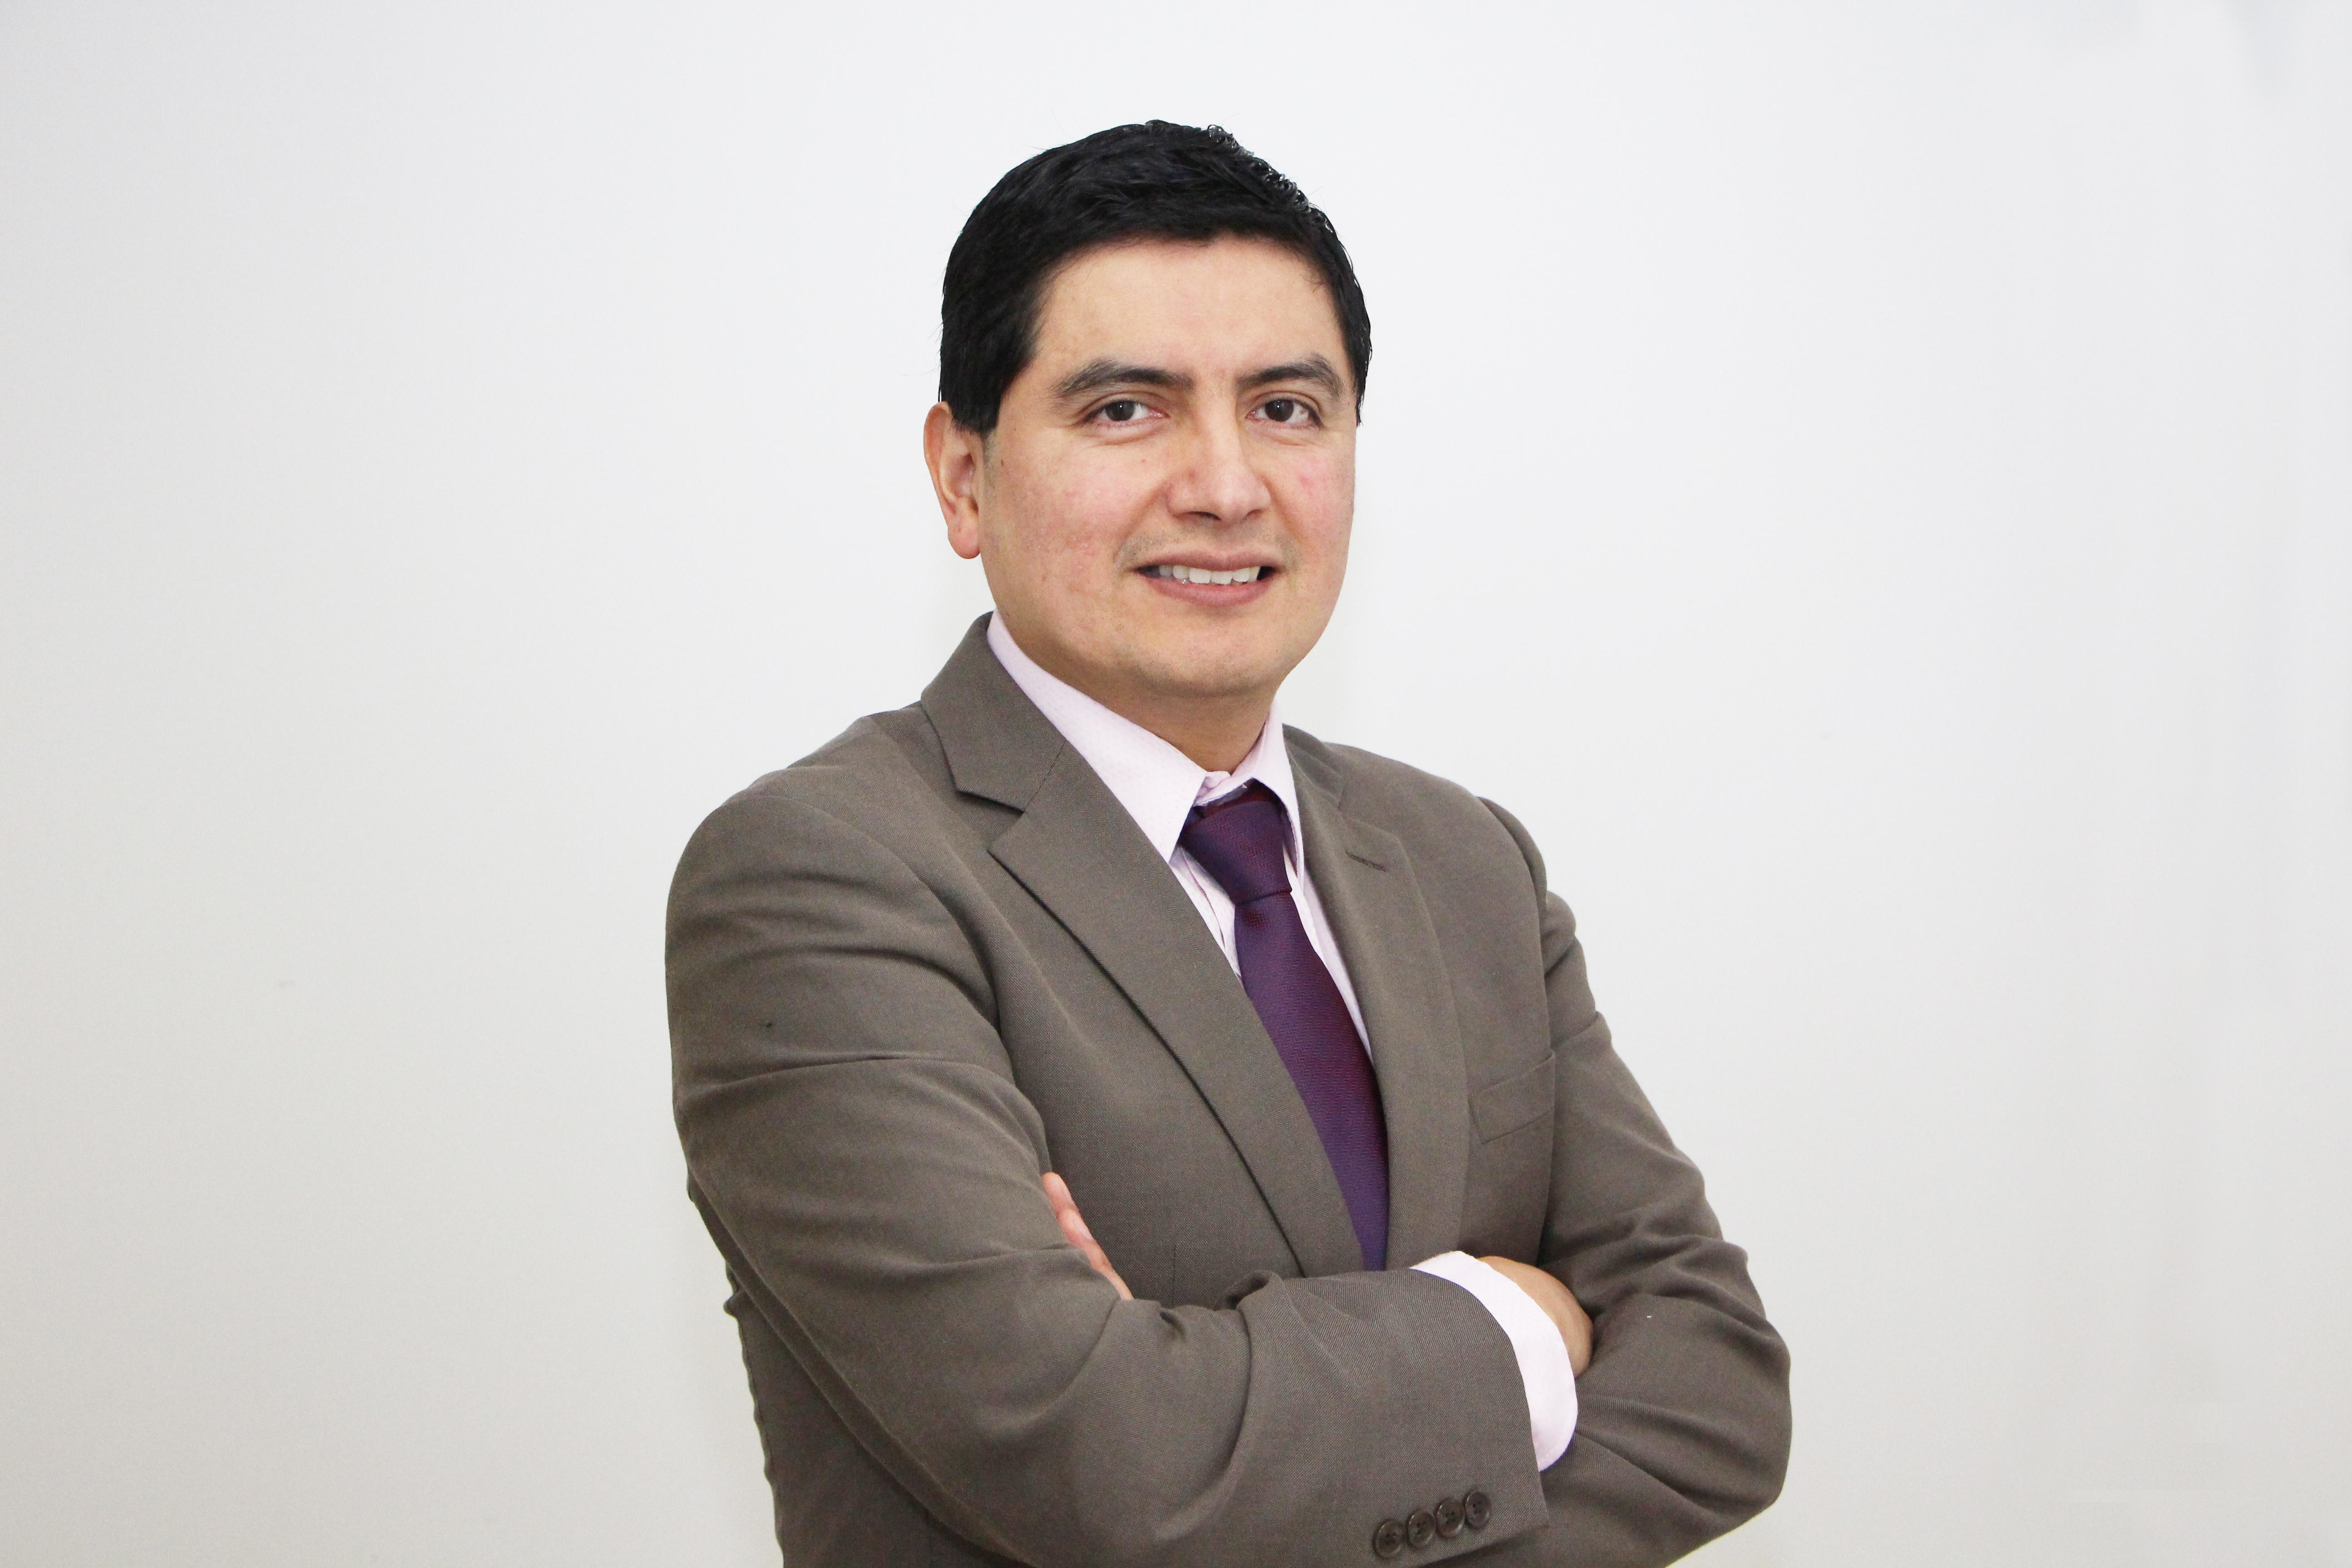 Lima Airport Partners en Perú presenta nuevo Gerente de Retail: Lucio Benavente